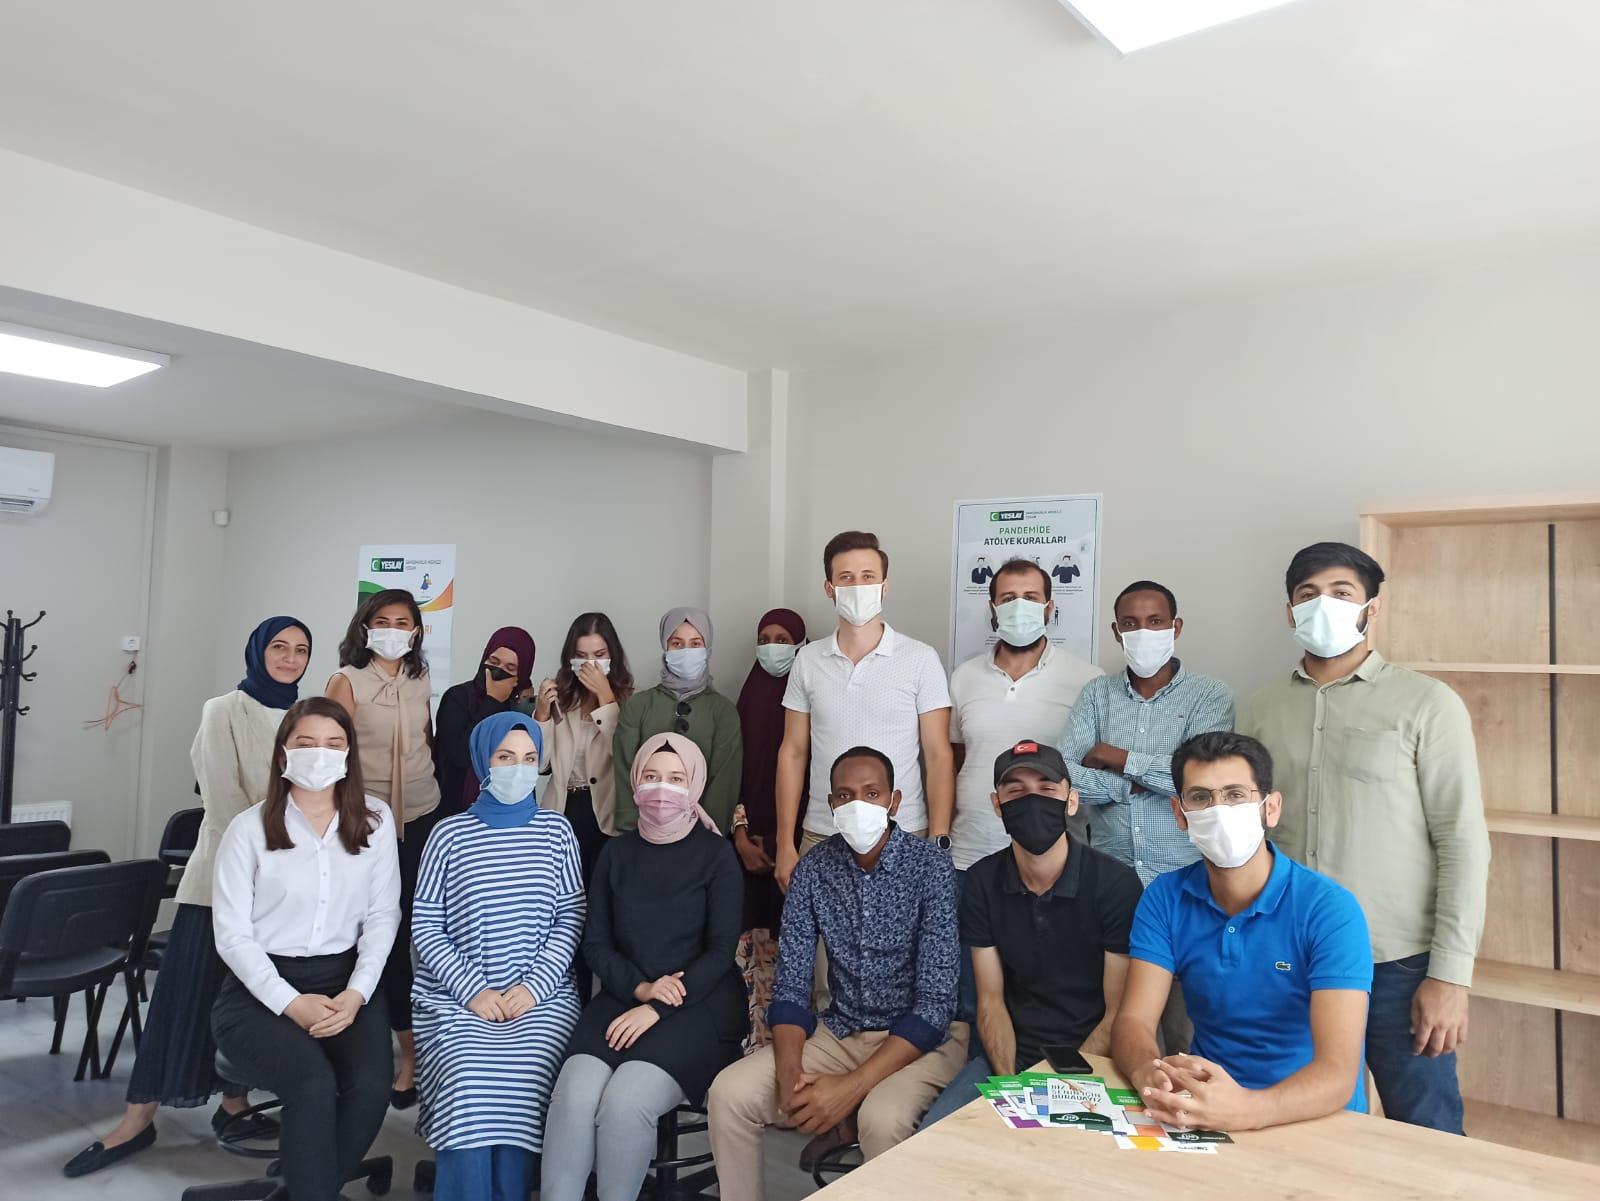 Beykoz Yeşilay'a uluslararası ziyaret